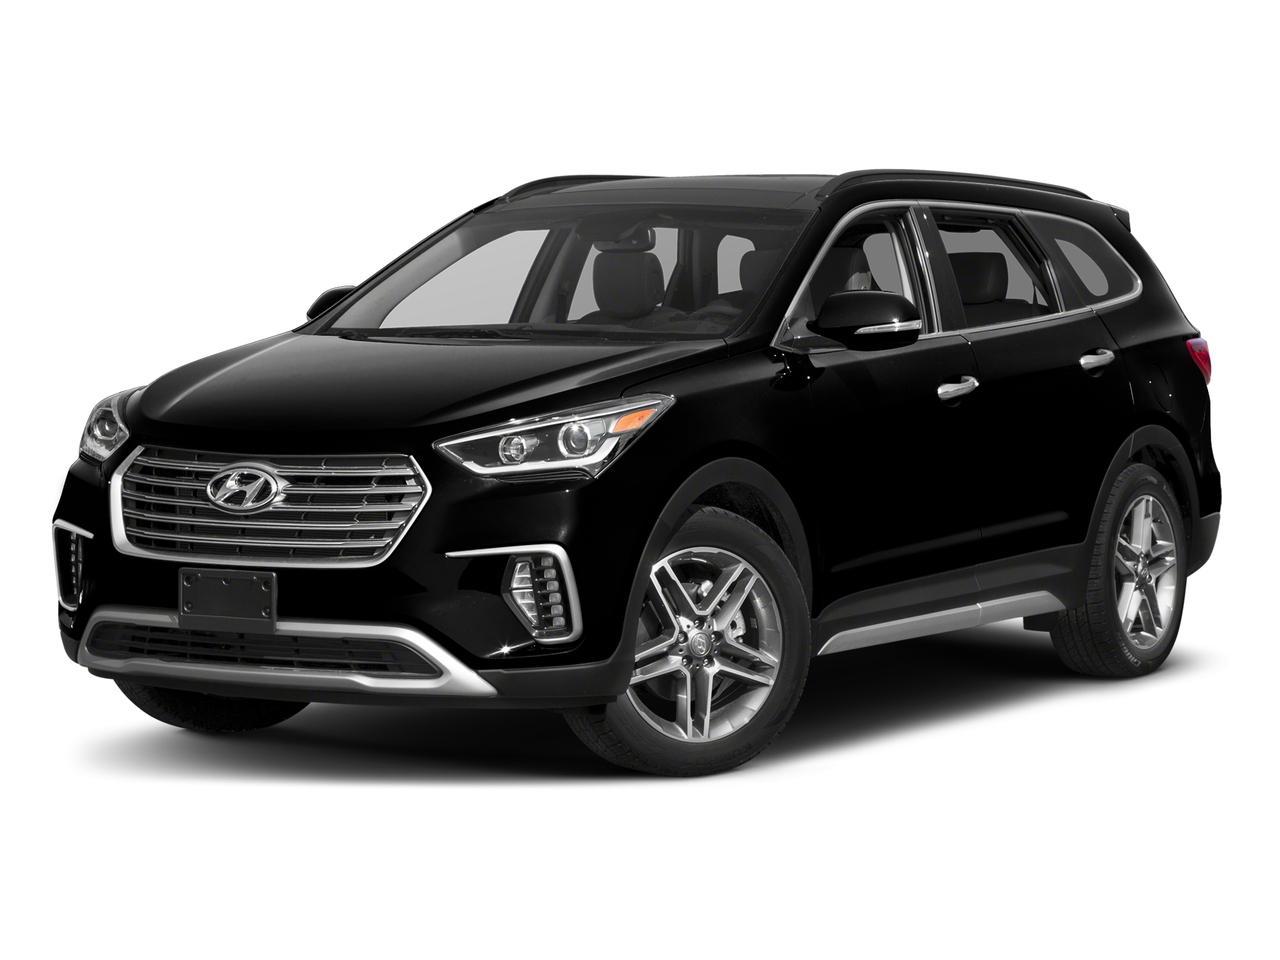 2018 Hyundai Santa Fe Vehicle Photo in El Paso, TX 79936